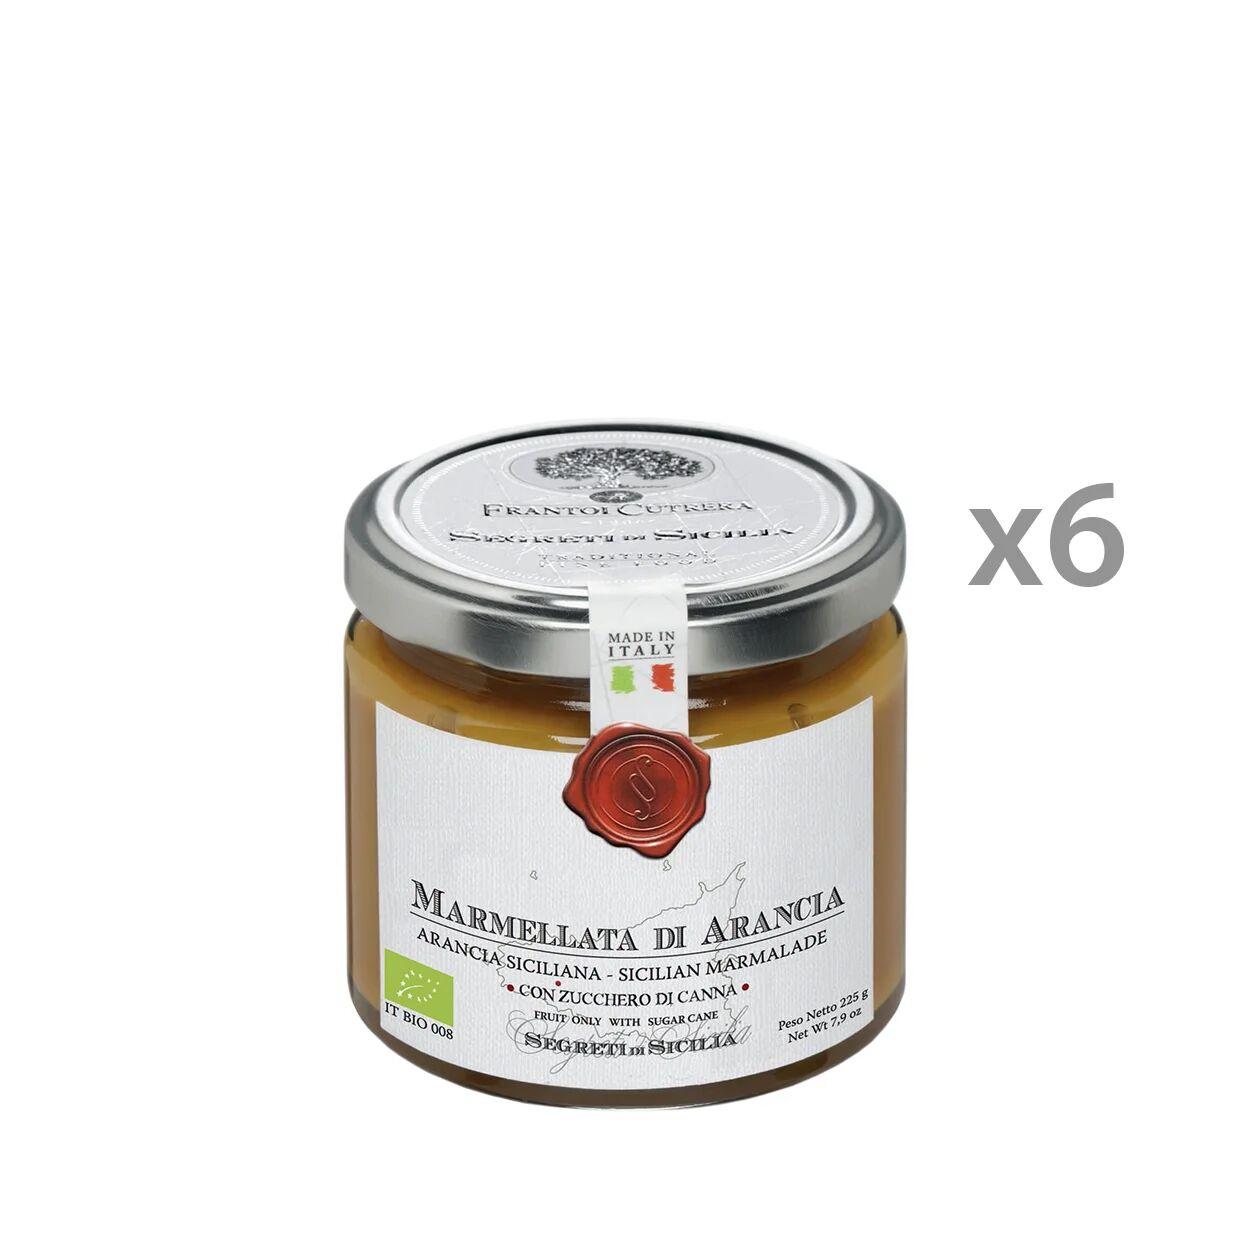 Segreti di Sicilia 6 vasetti - Marmellata di Arancia Siciliana BIO 225 gr